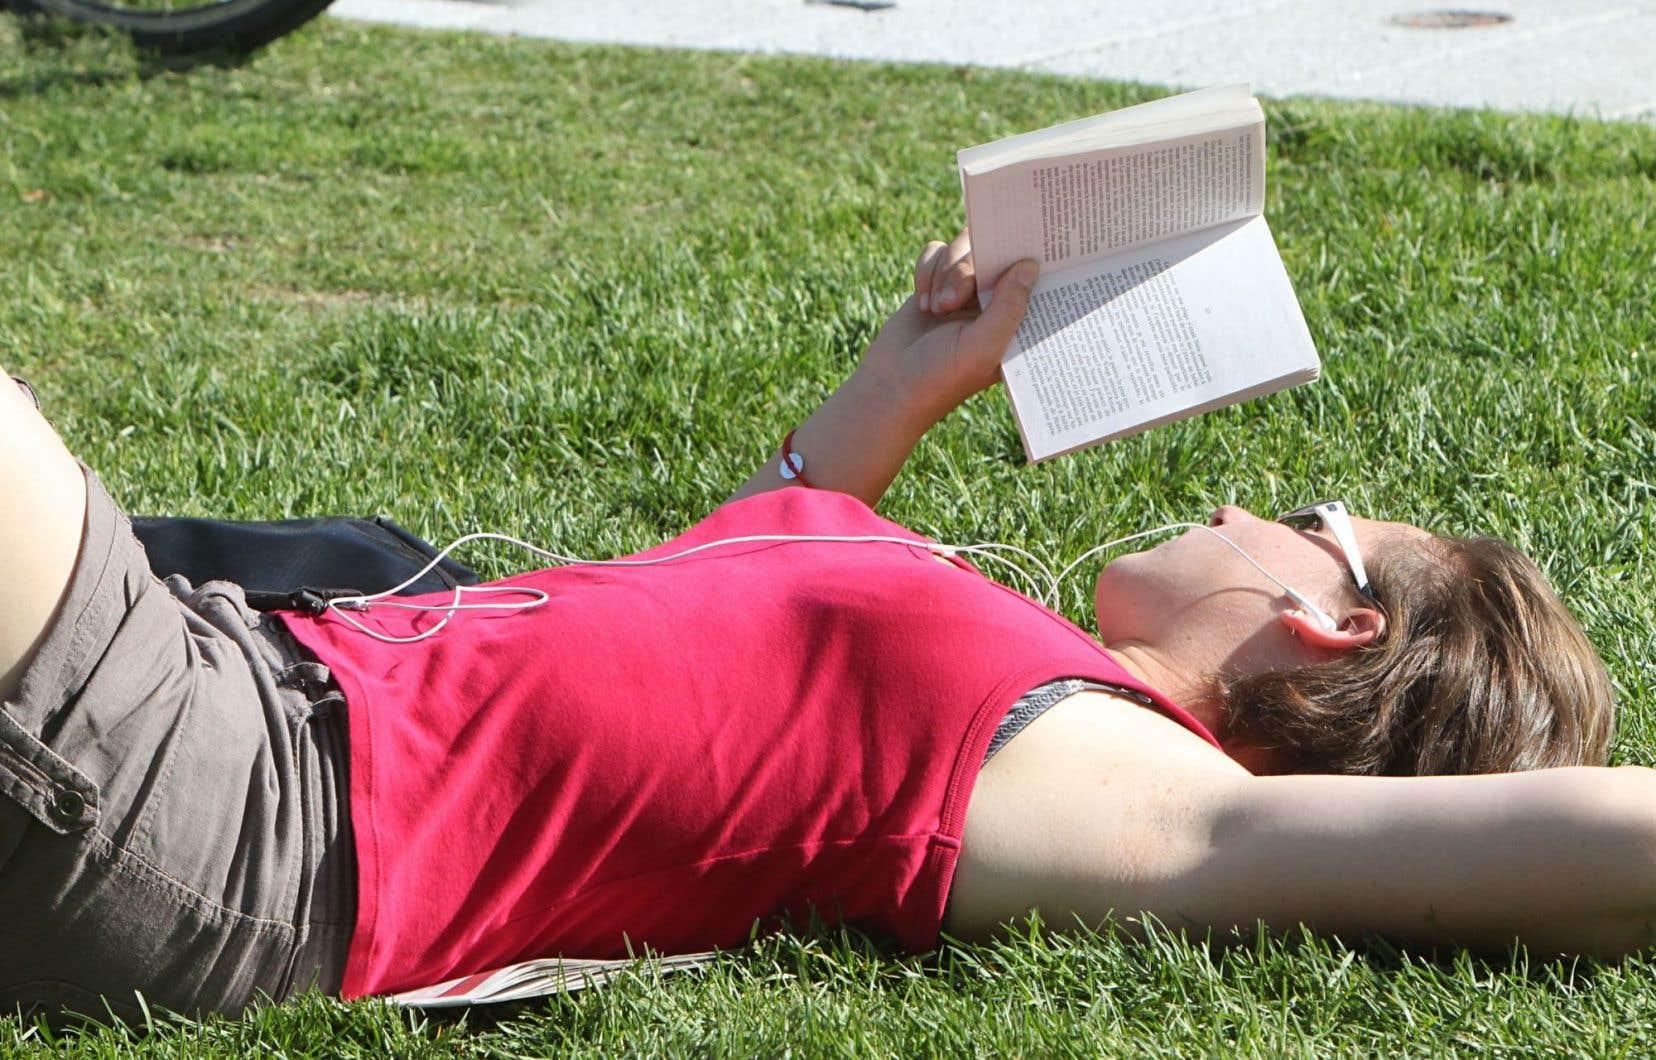 L'industrie du roman rose génère plus d'un milliard de dollars en vente chaque année, selon l'association Romance Writers America.